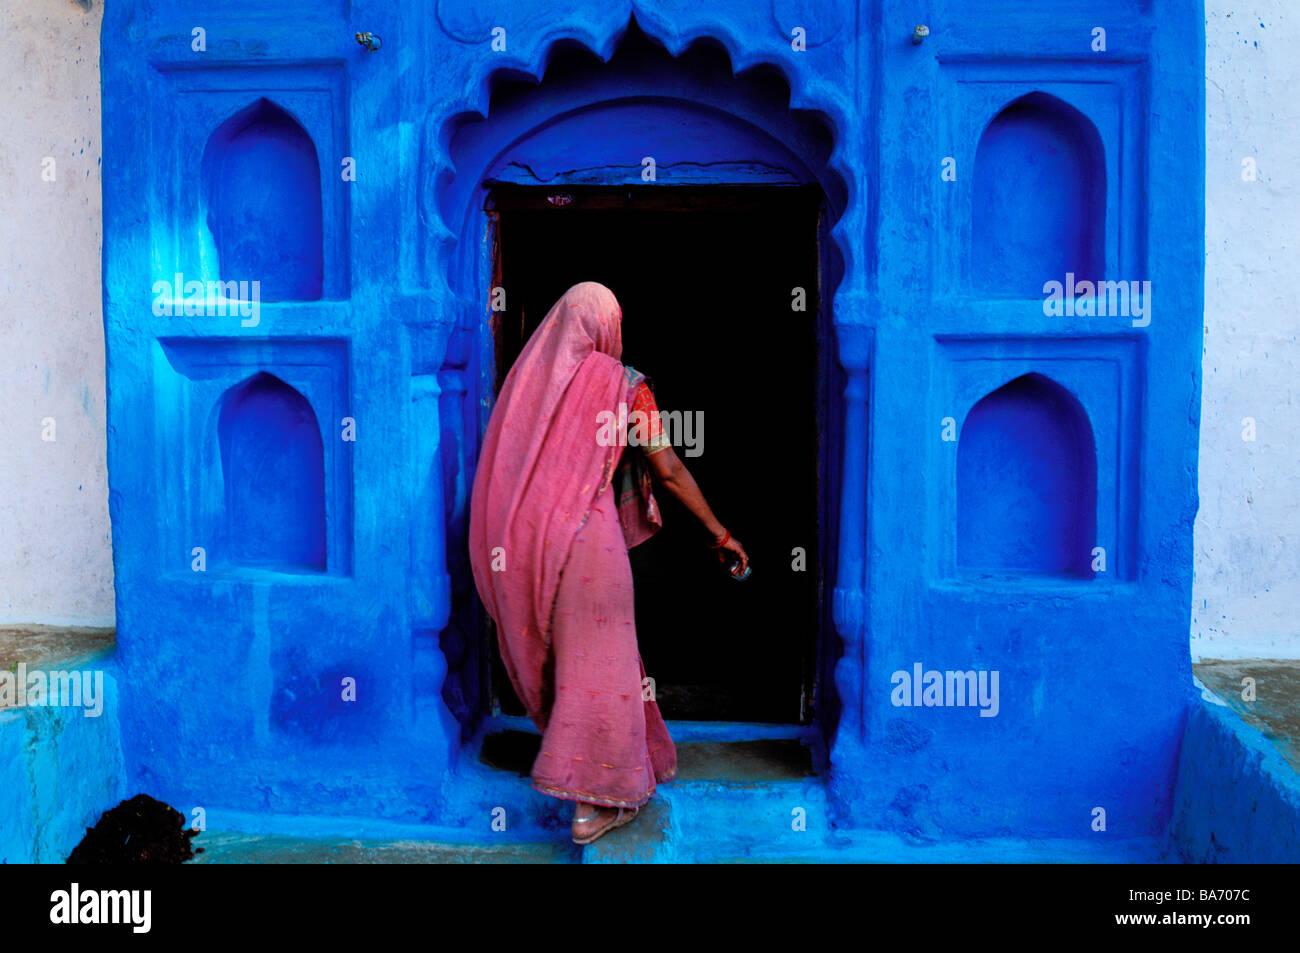 Indien, Rajasthan State, Jodhpur, der blauen Altstadt Stockfoto